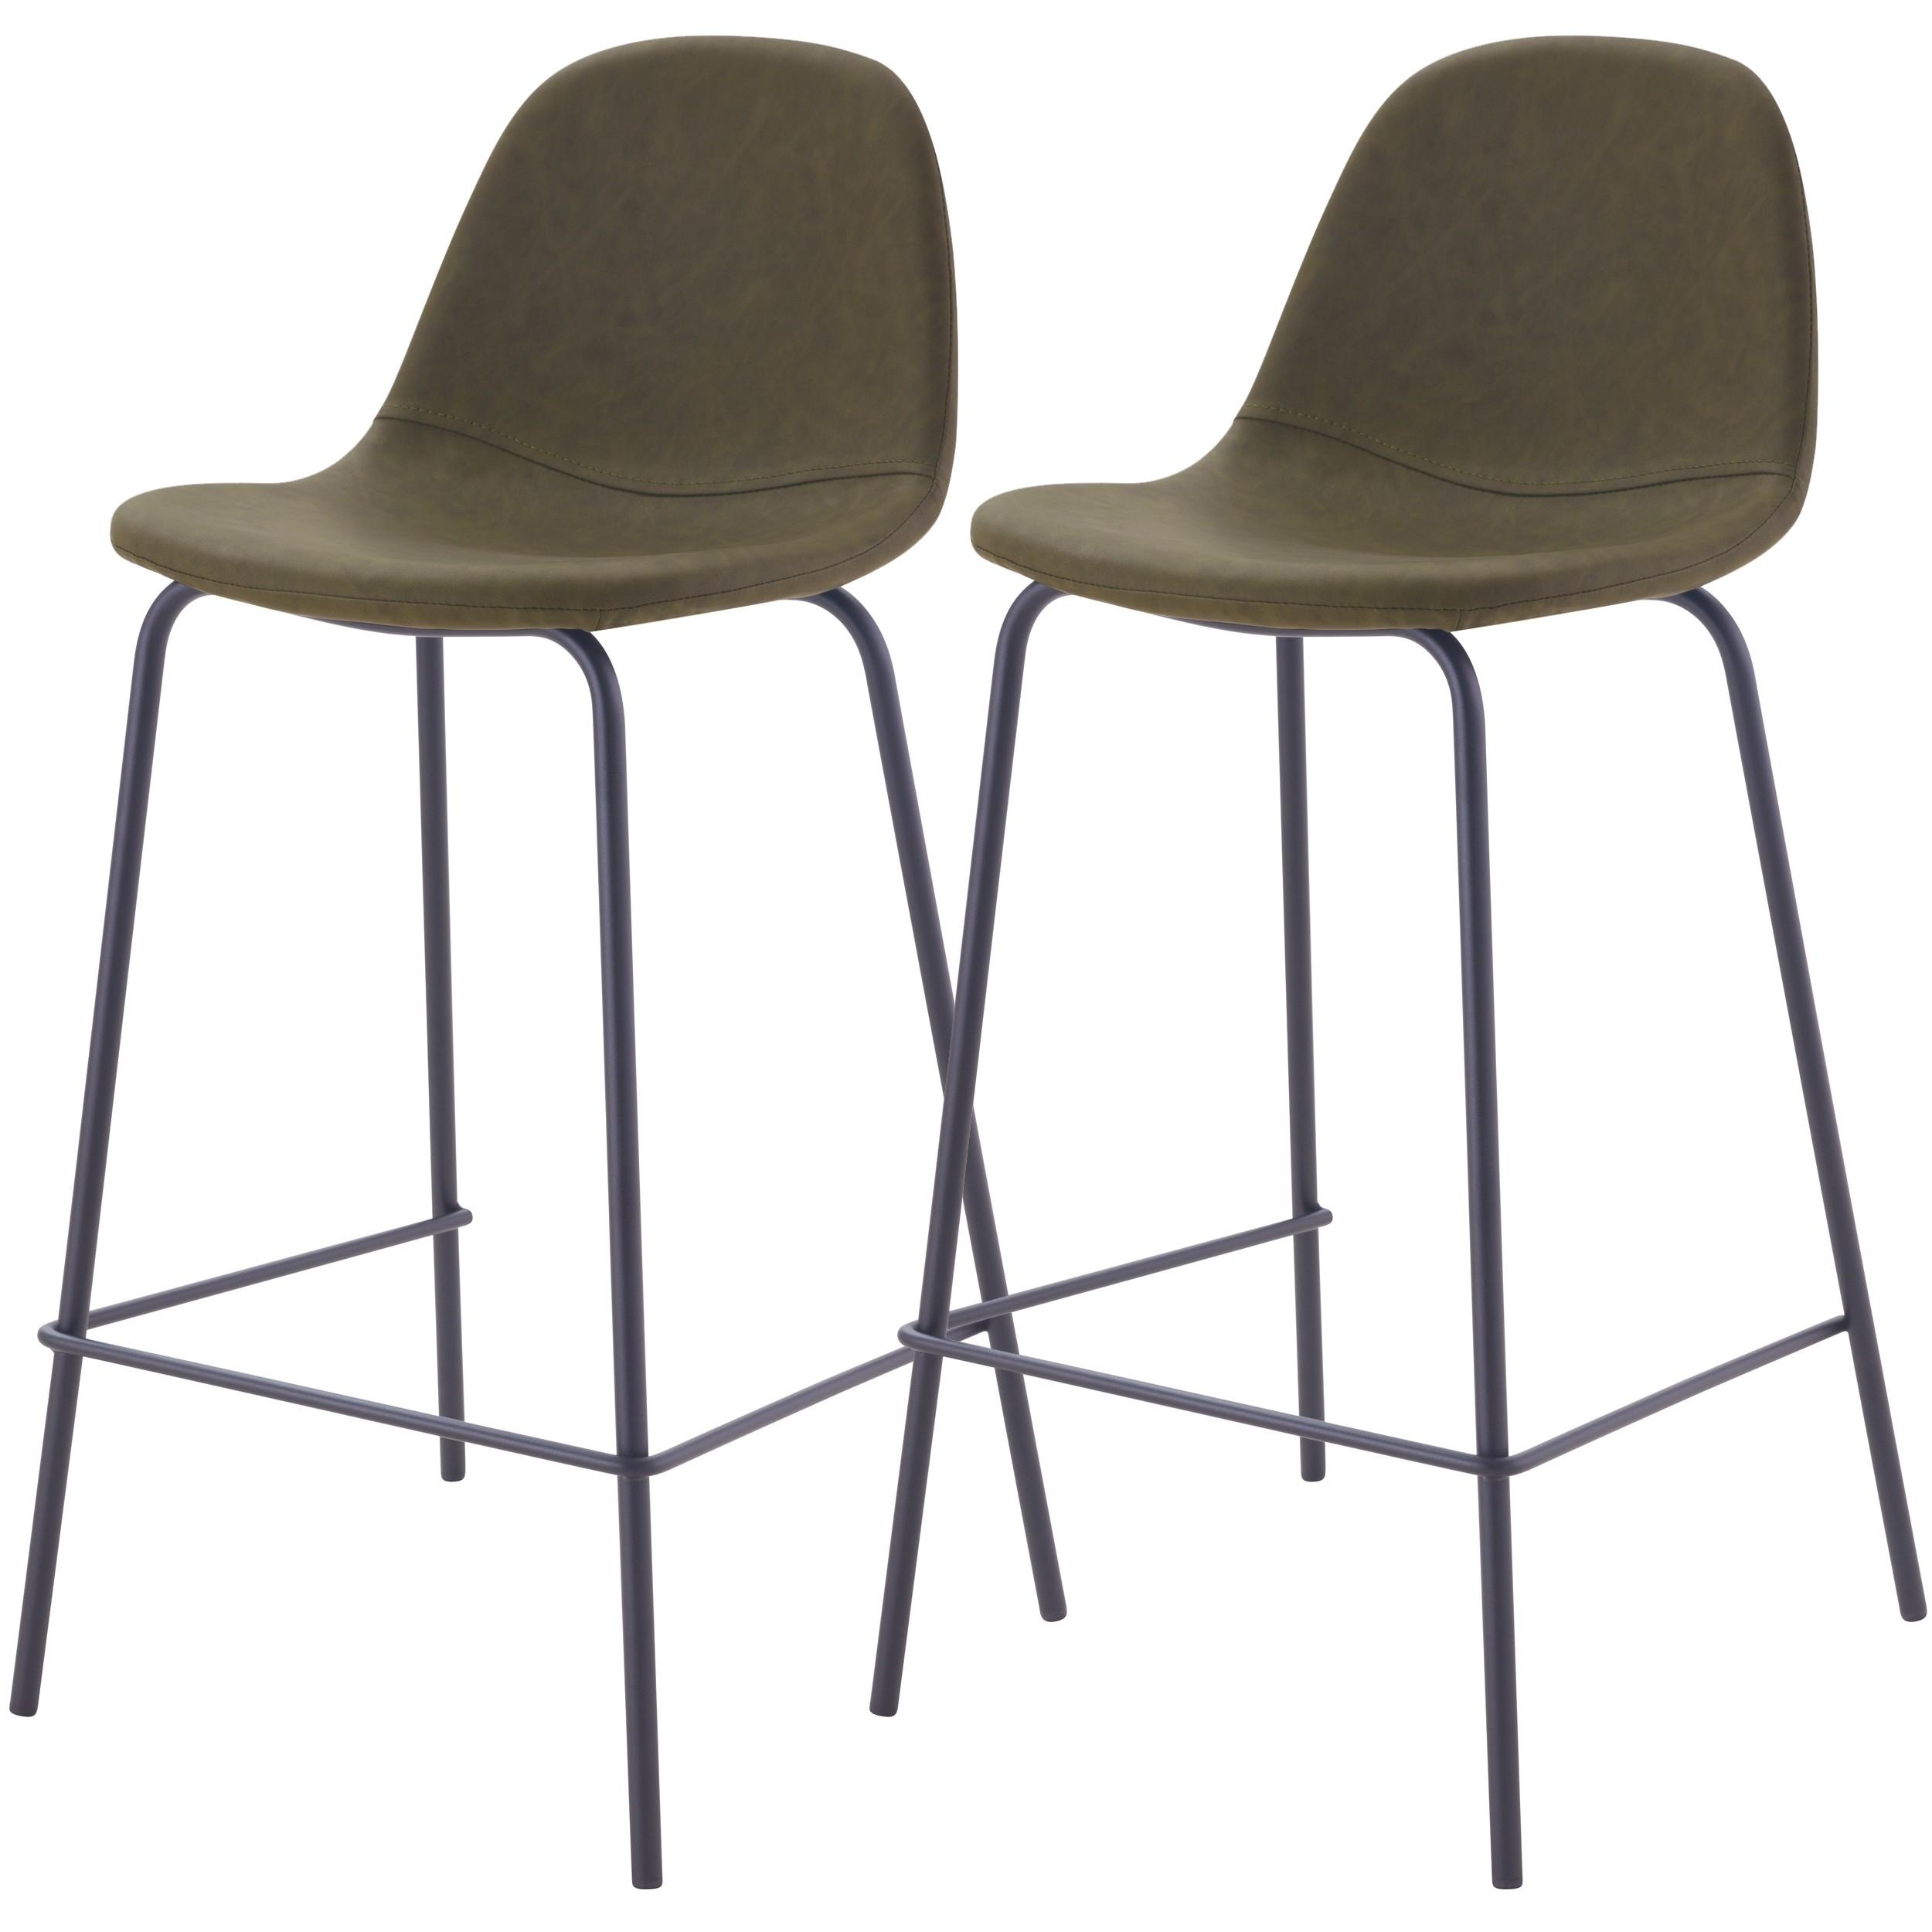 acheter chaise de bar vert kaki en cuir synhetique